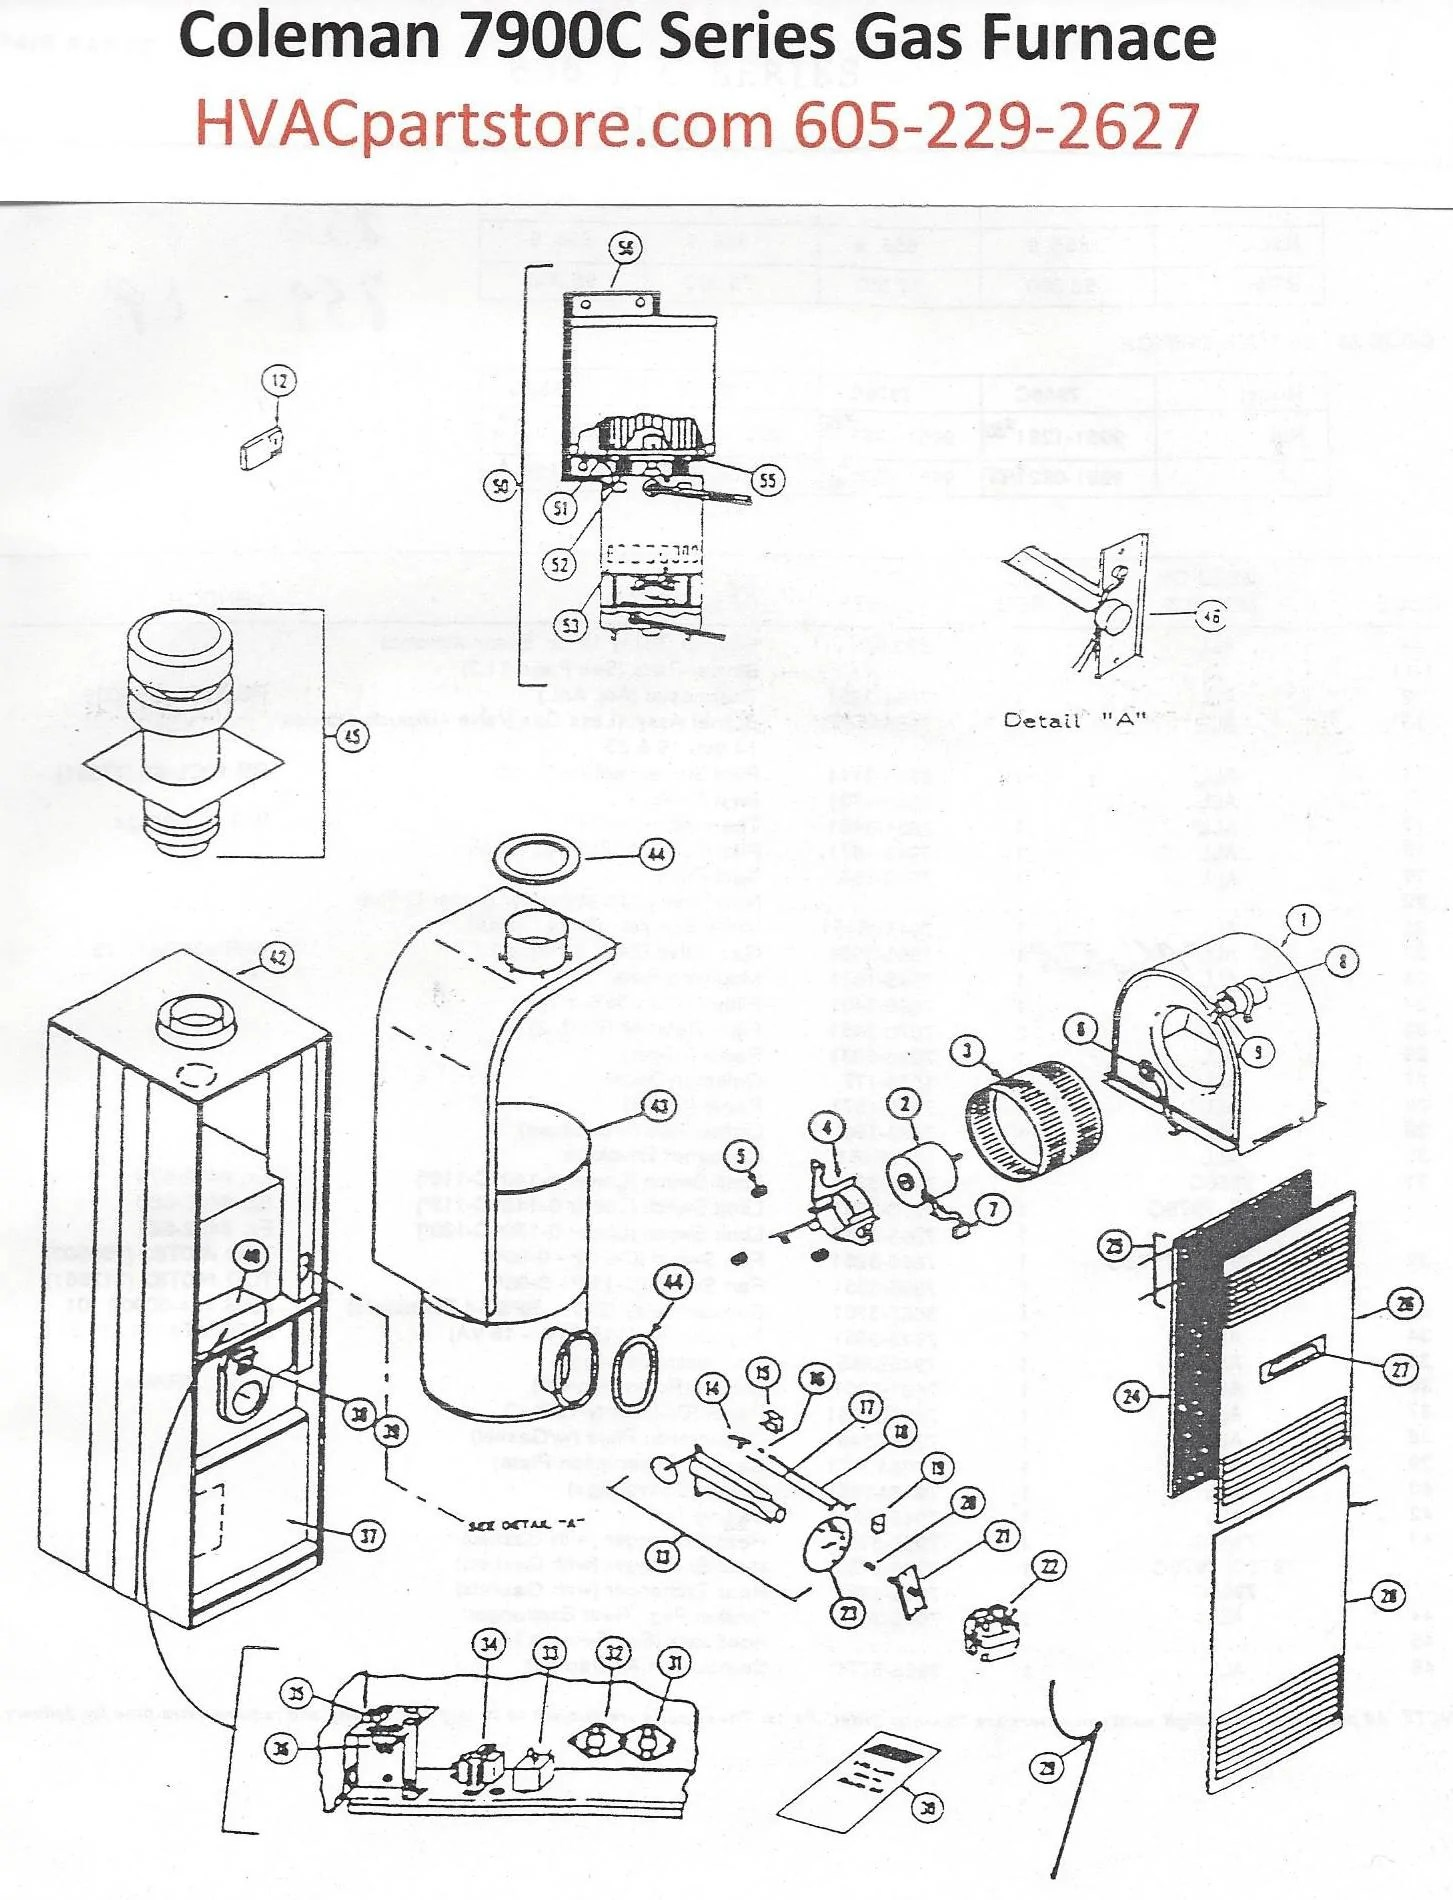 coleman furnace schematics wiring diagram schematics coleman furnace 7970 656 schematic 7970c856 coleman gas furnace [ 1453 x 1900 Pixel ]